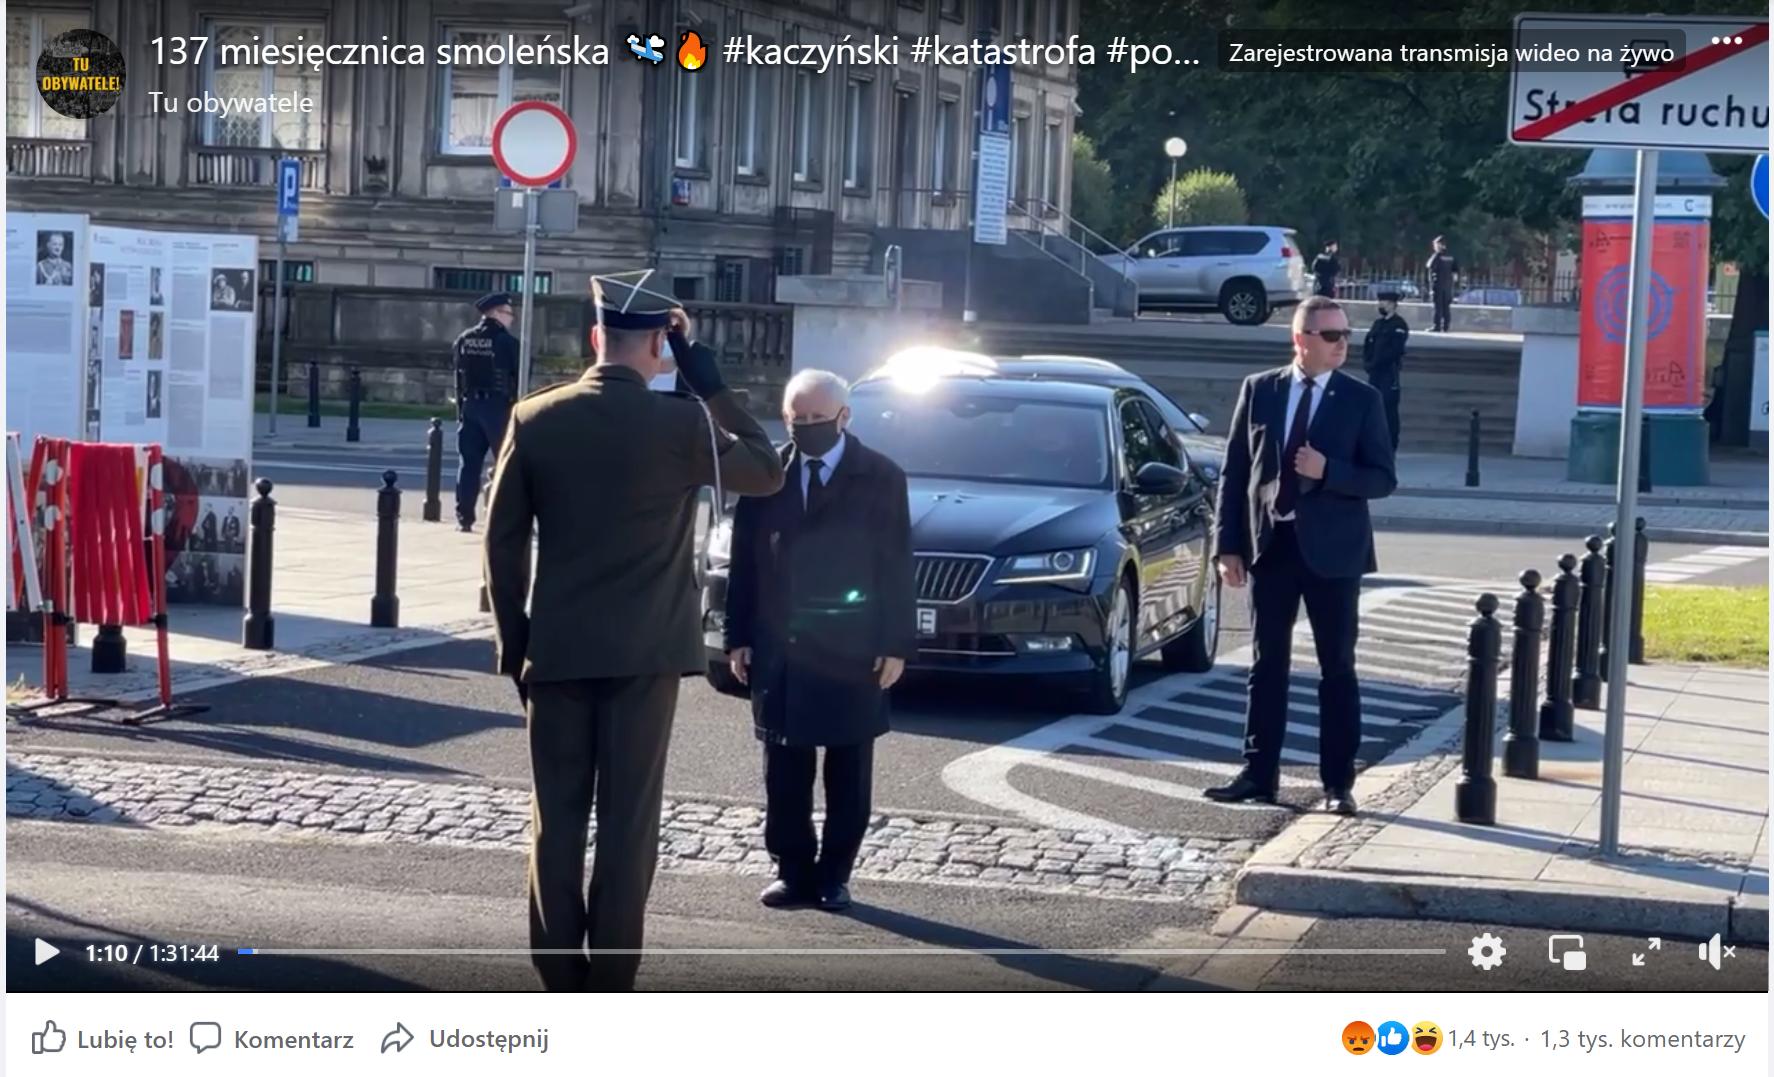 Kadr z transmisji miesięcznicy smoleńskiej na facebookowym profilu